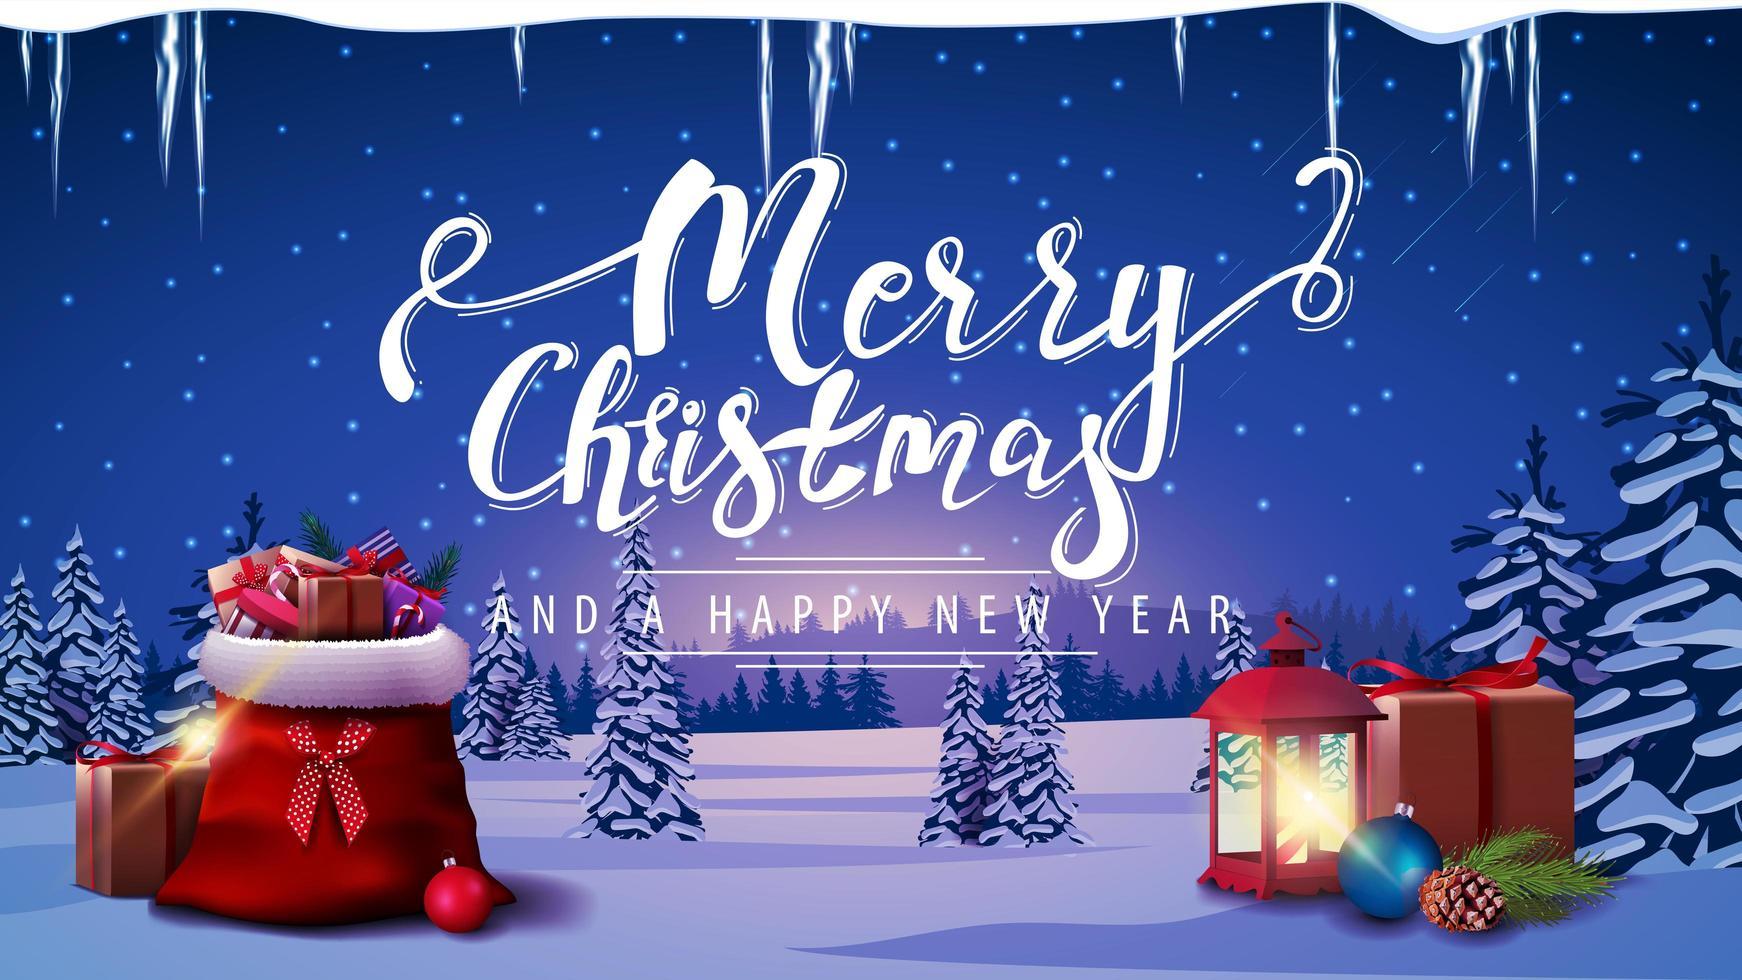 Cartoline Buon Natale E Felice Anno Nuovo.Buon Natale E Felice Anno Nuovo Cartolina 1486488 Scarica Immagini Vettoriali Gratis Grafica Vettoriale E Disegno Modelli